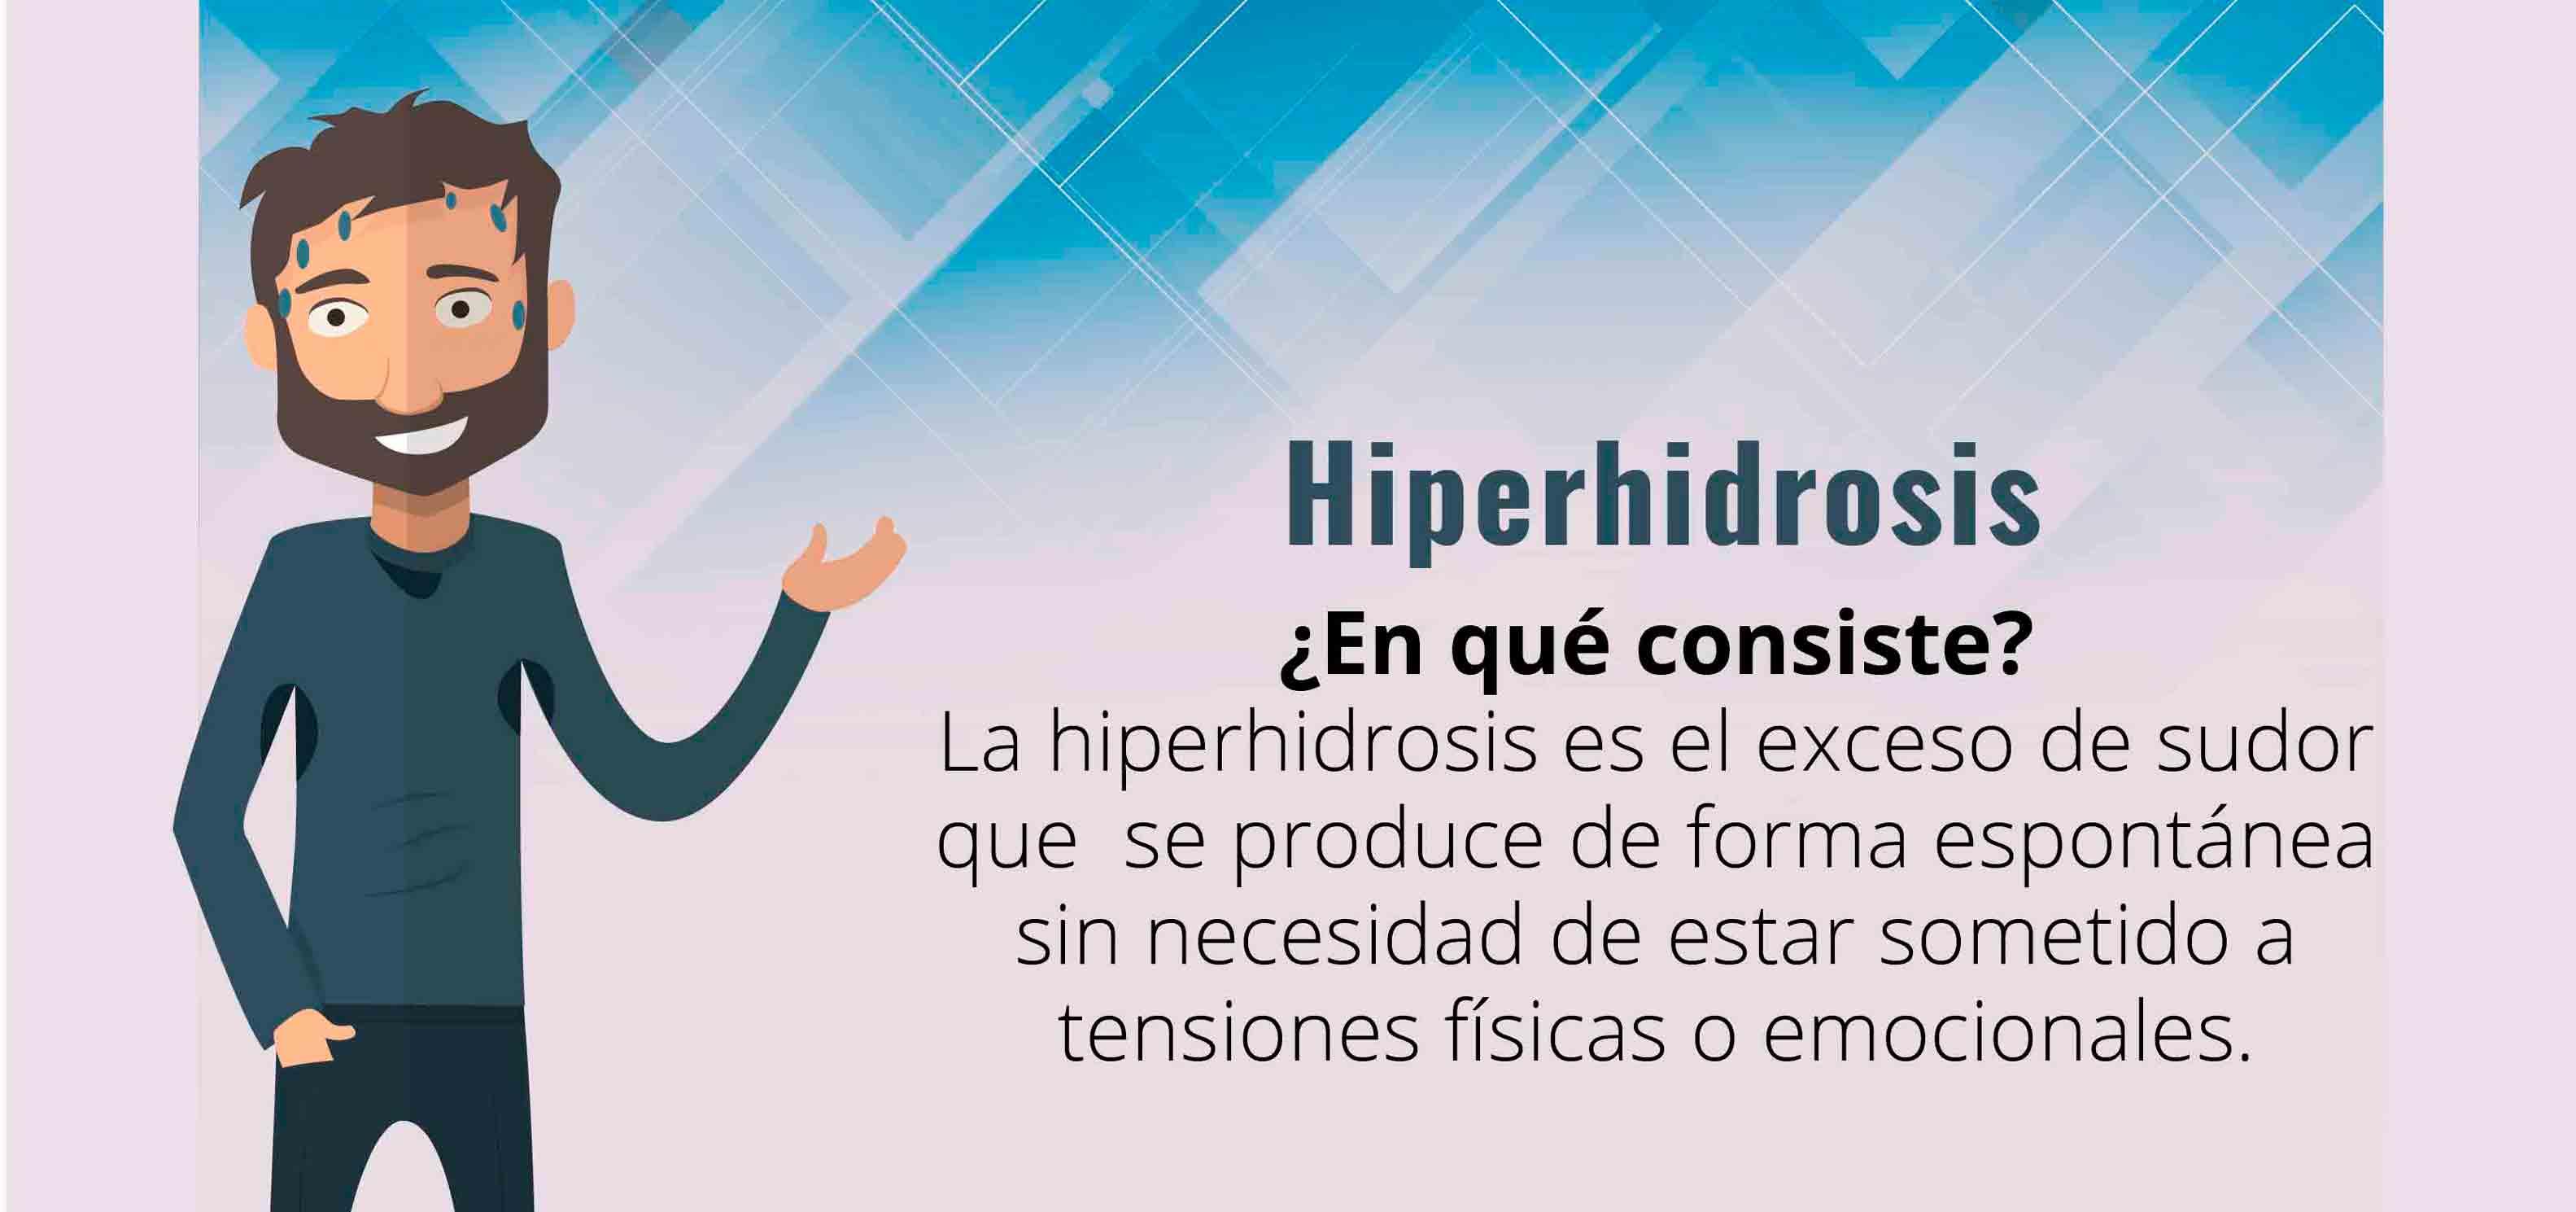 hiperhidrosis en que consiste